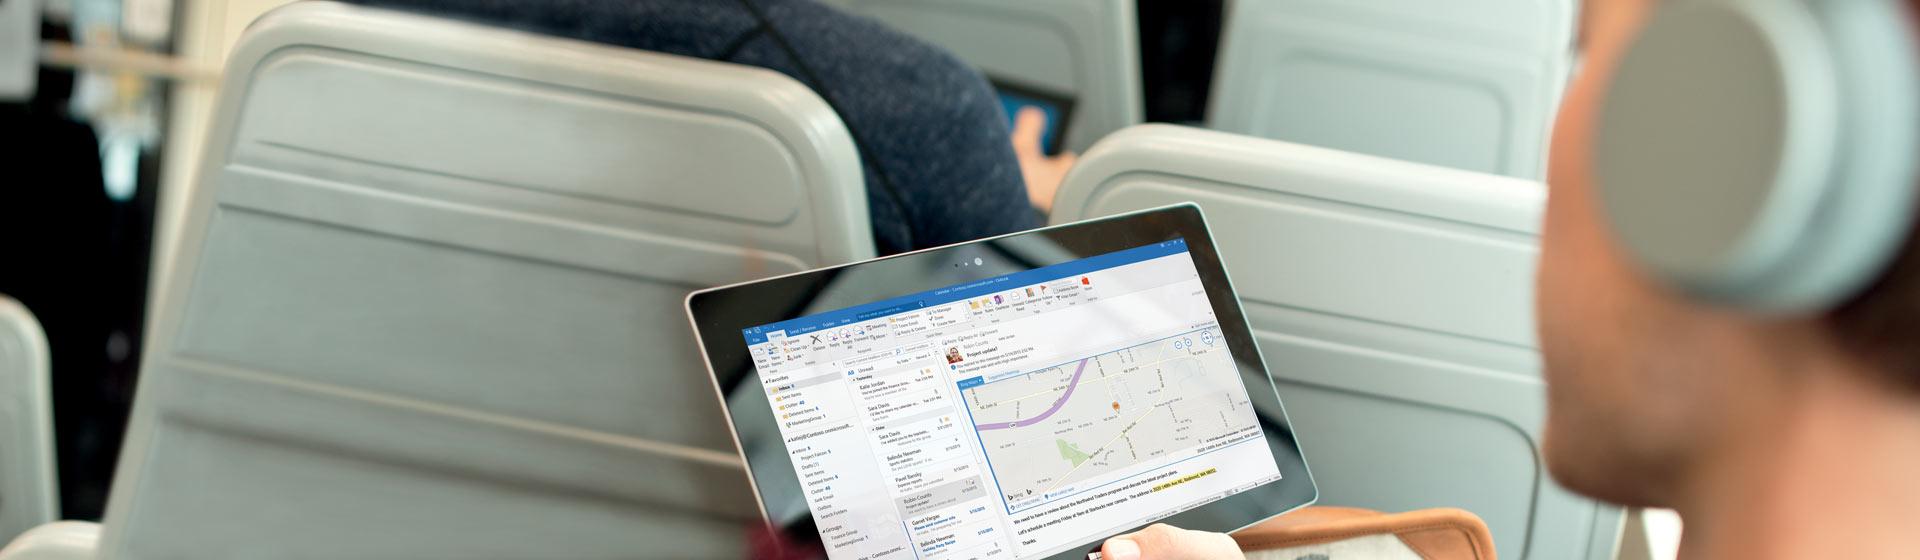 Um homem a segurar num tablet que mostra a caixa de entrada do seu e-mail no Office 365